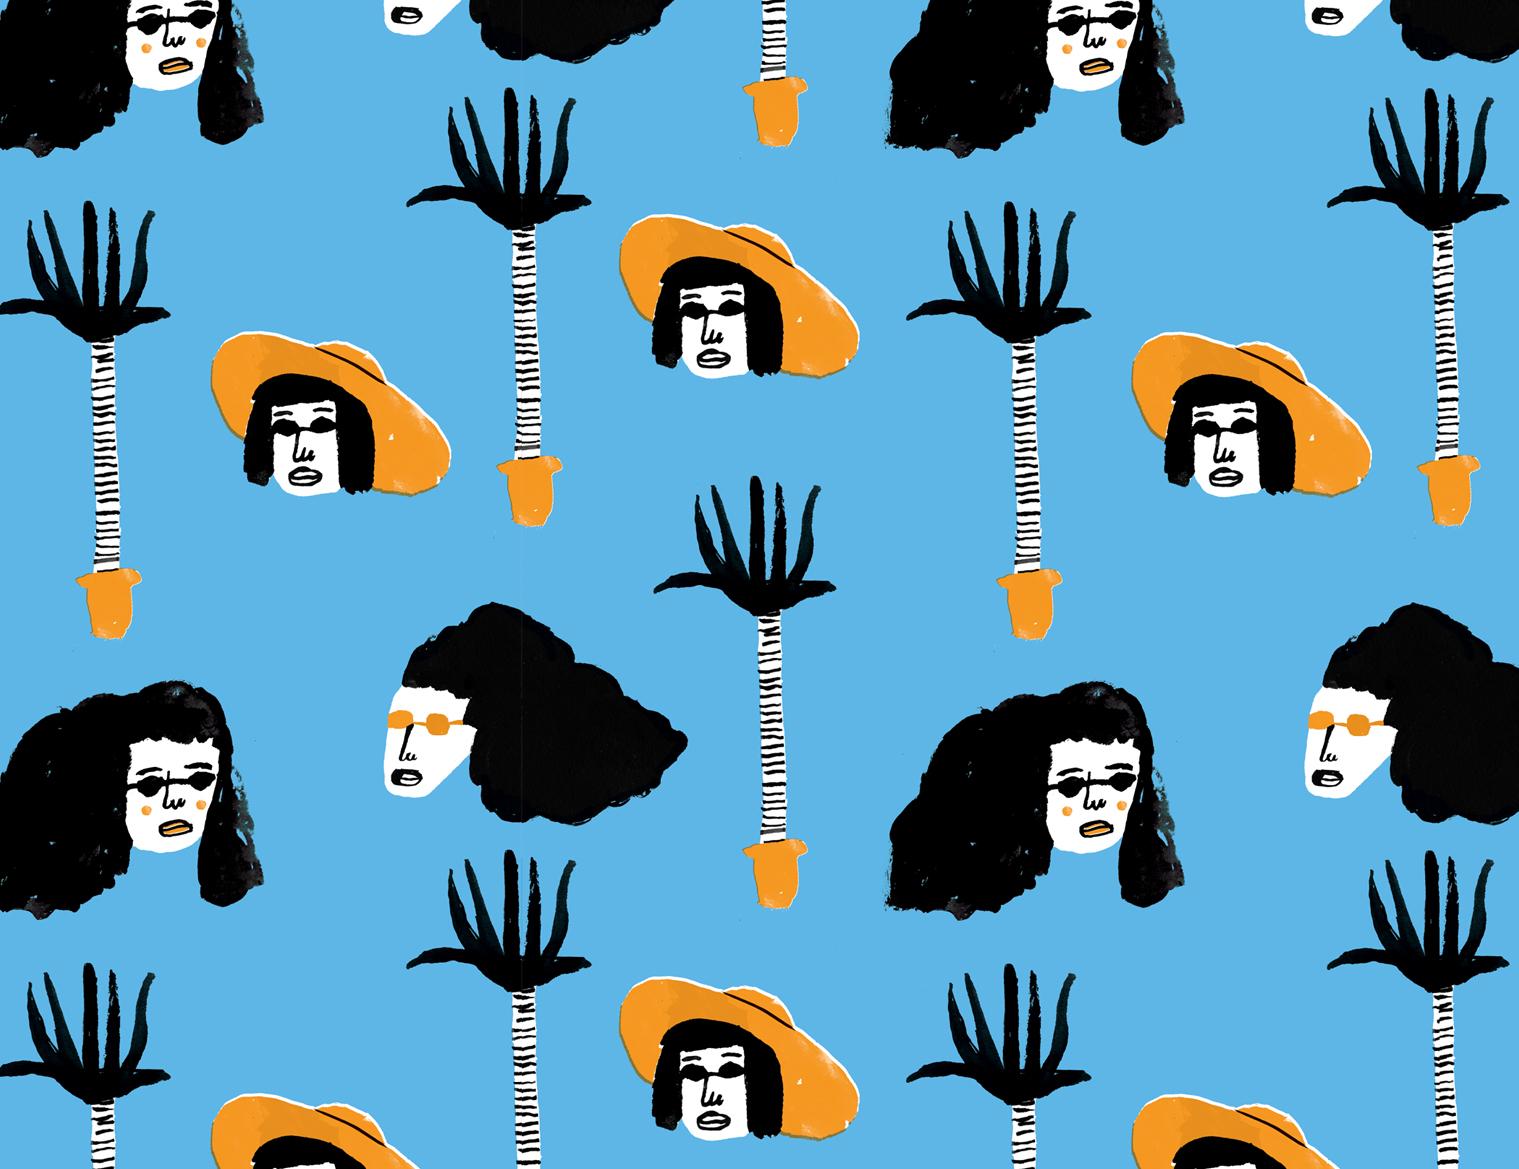 Lucy Kirk - LA pattern